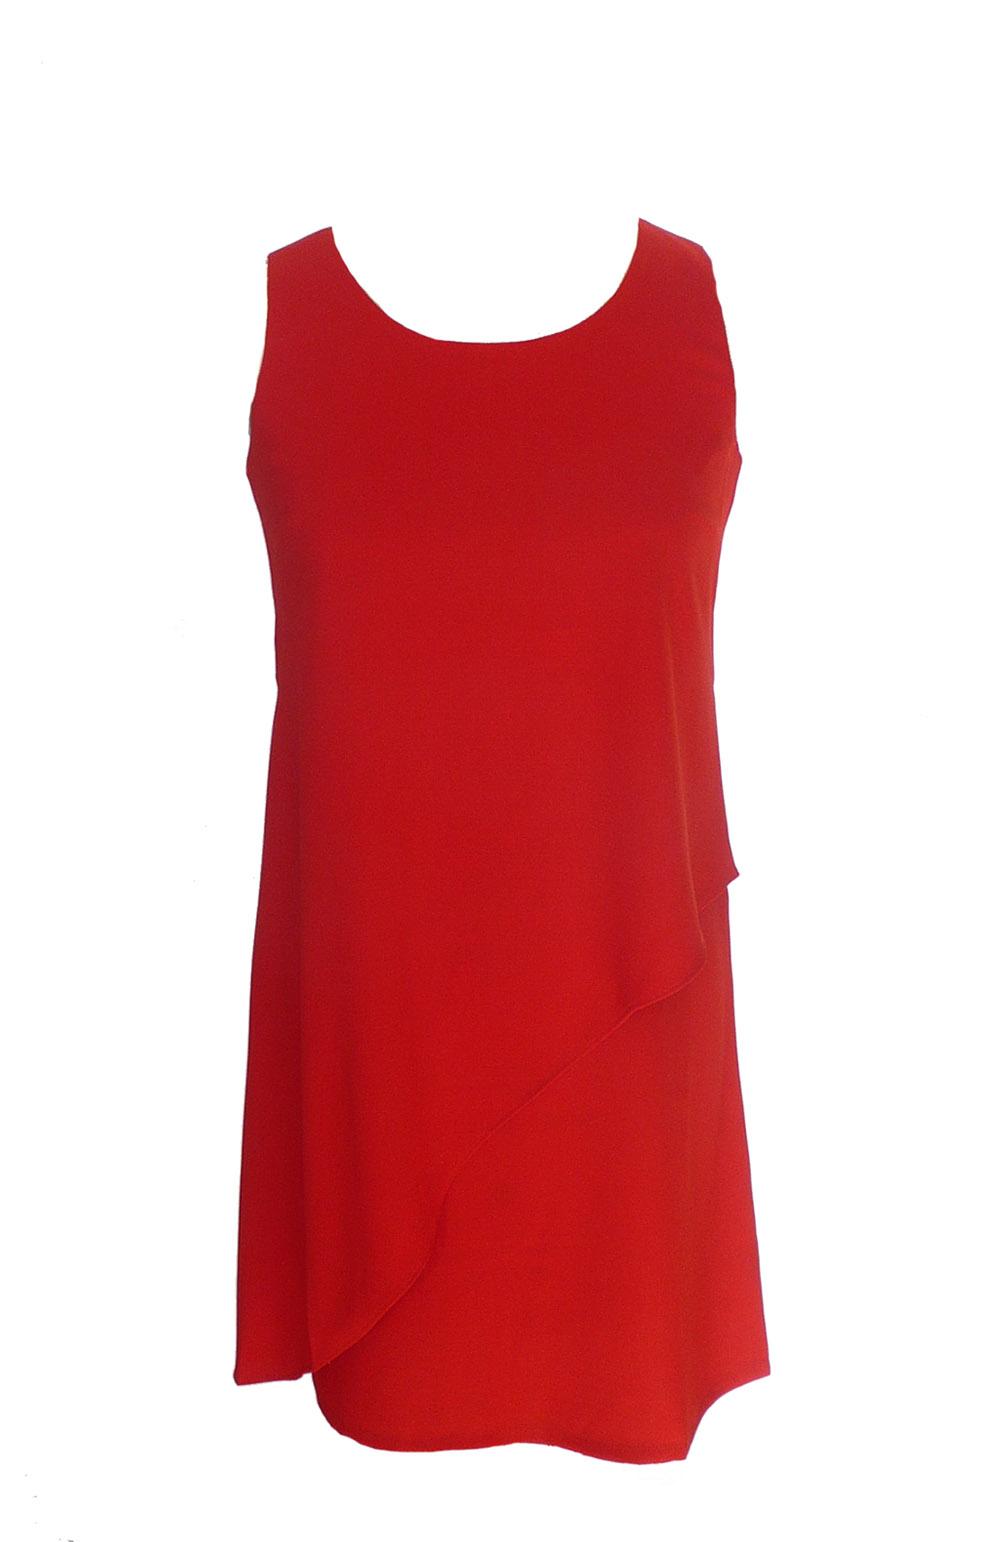 dress red slvless asym.jpg